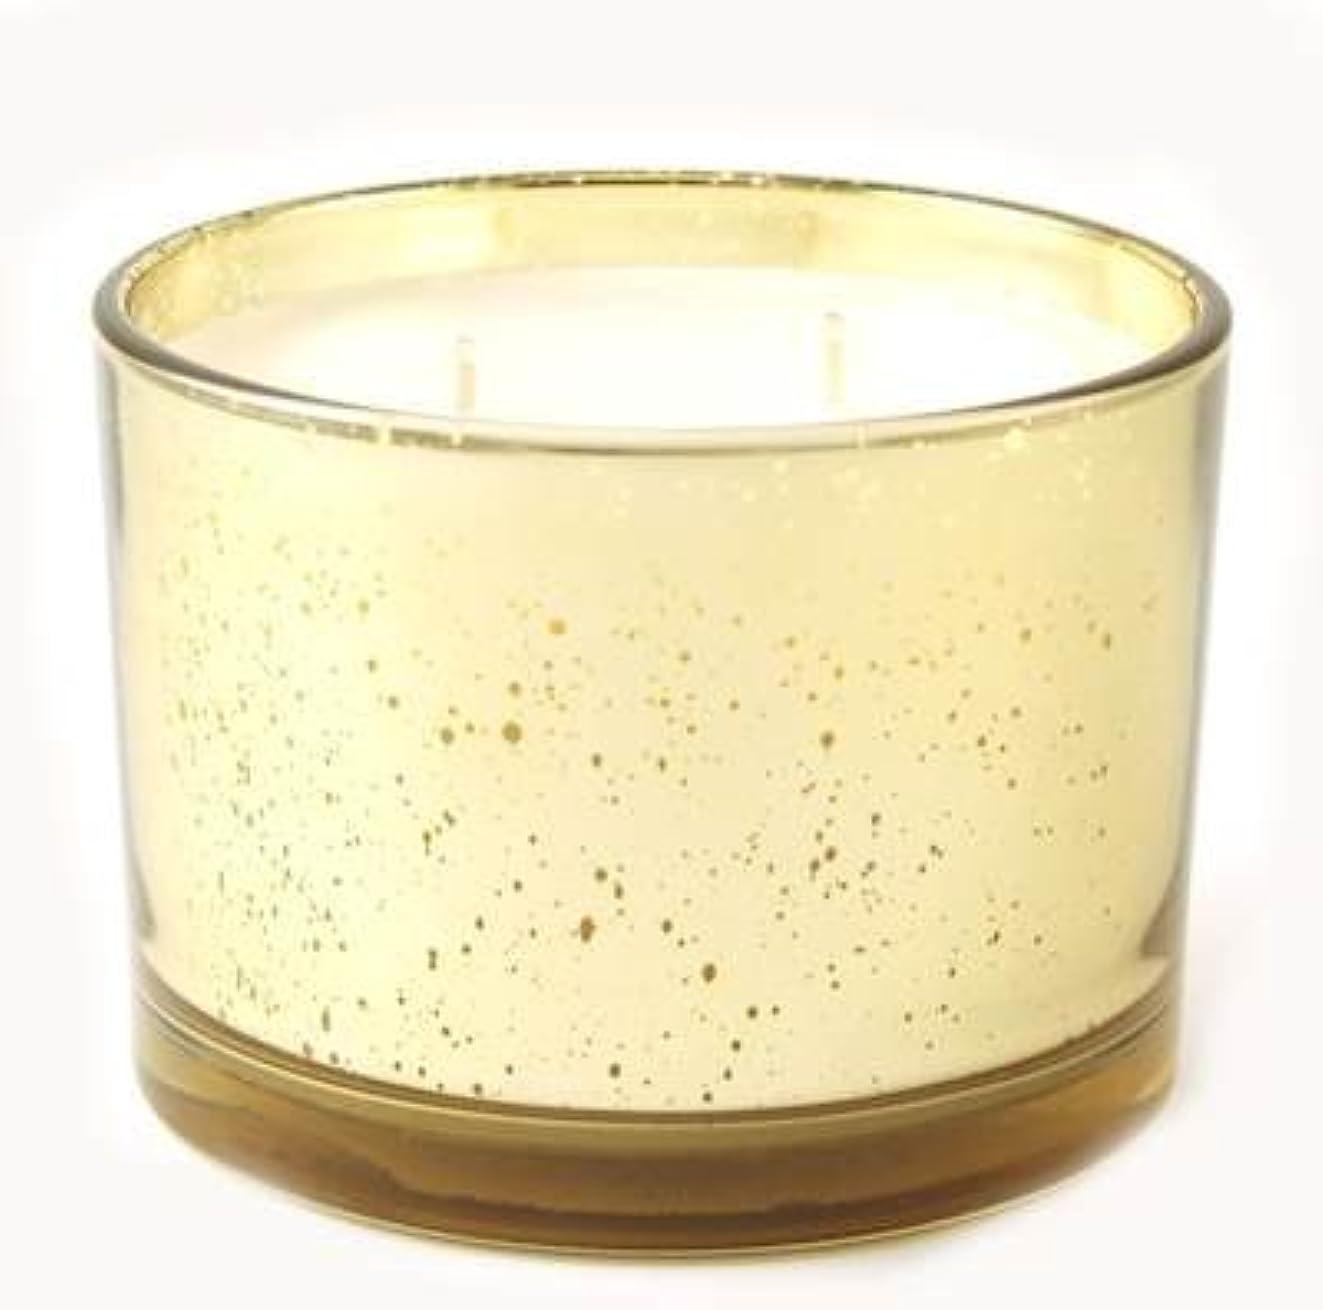 びん勧めるマイコンアップルサイダーTyler Statureゴールドonゴールド16oz香りつきJar Candle